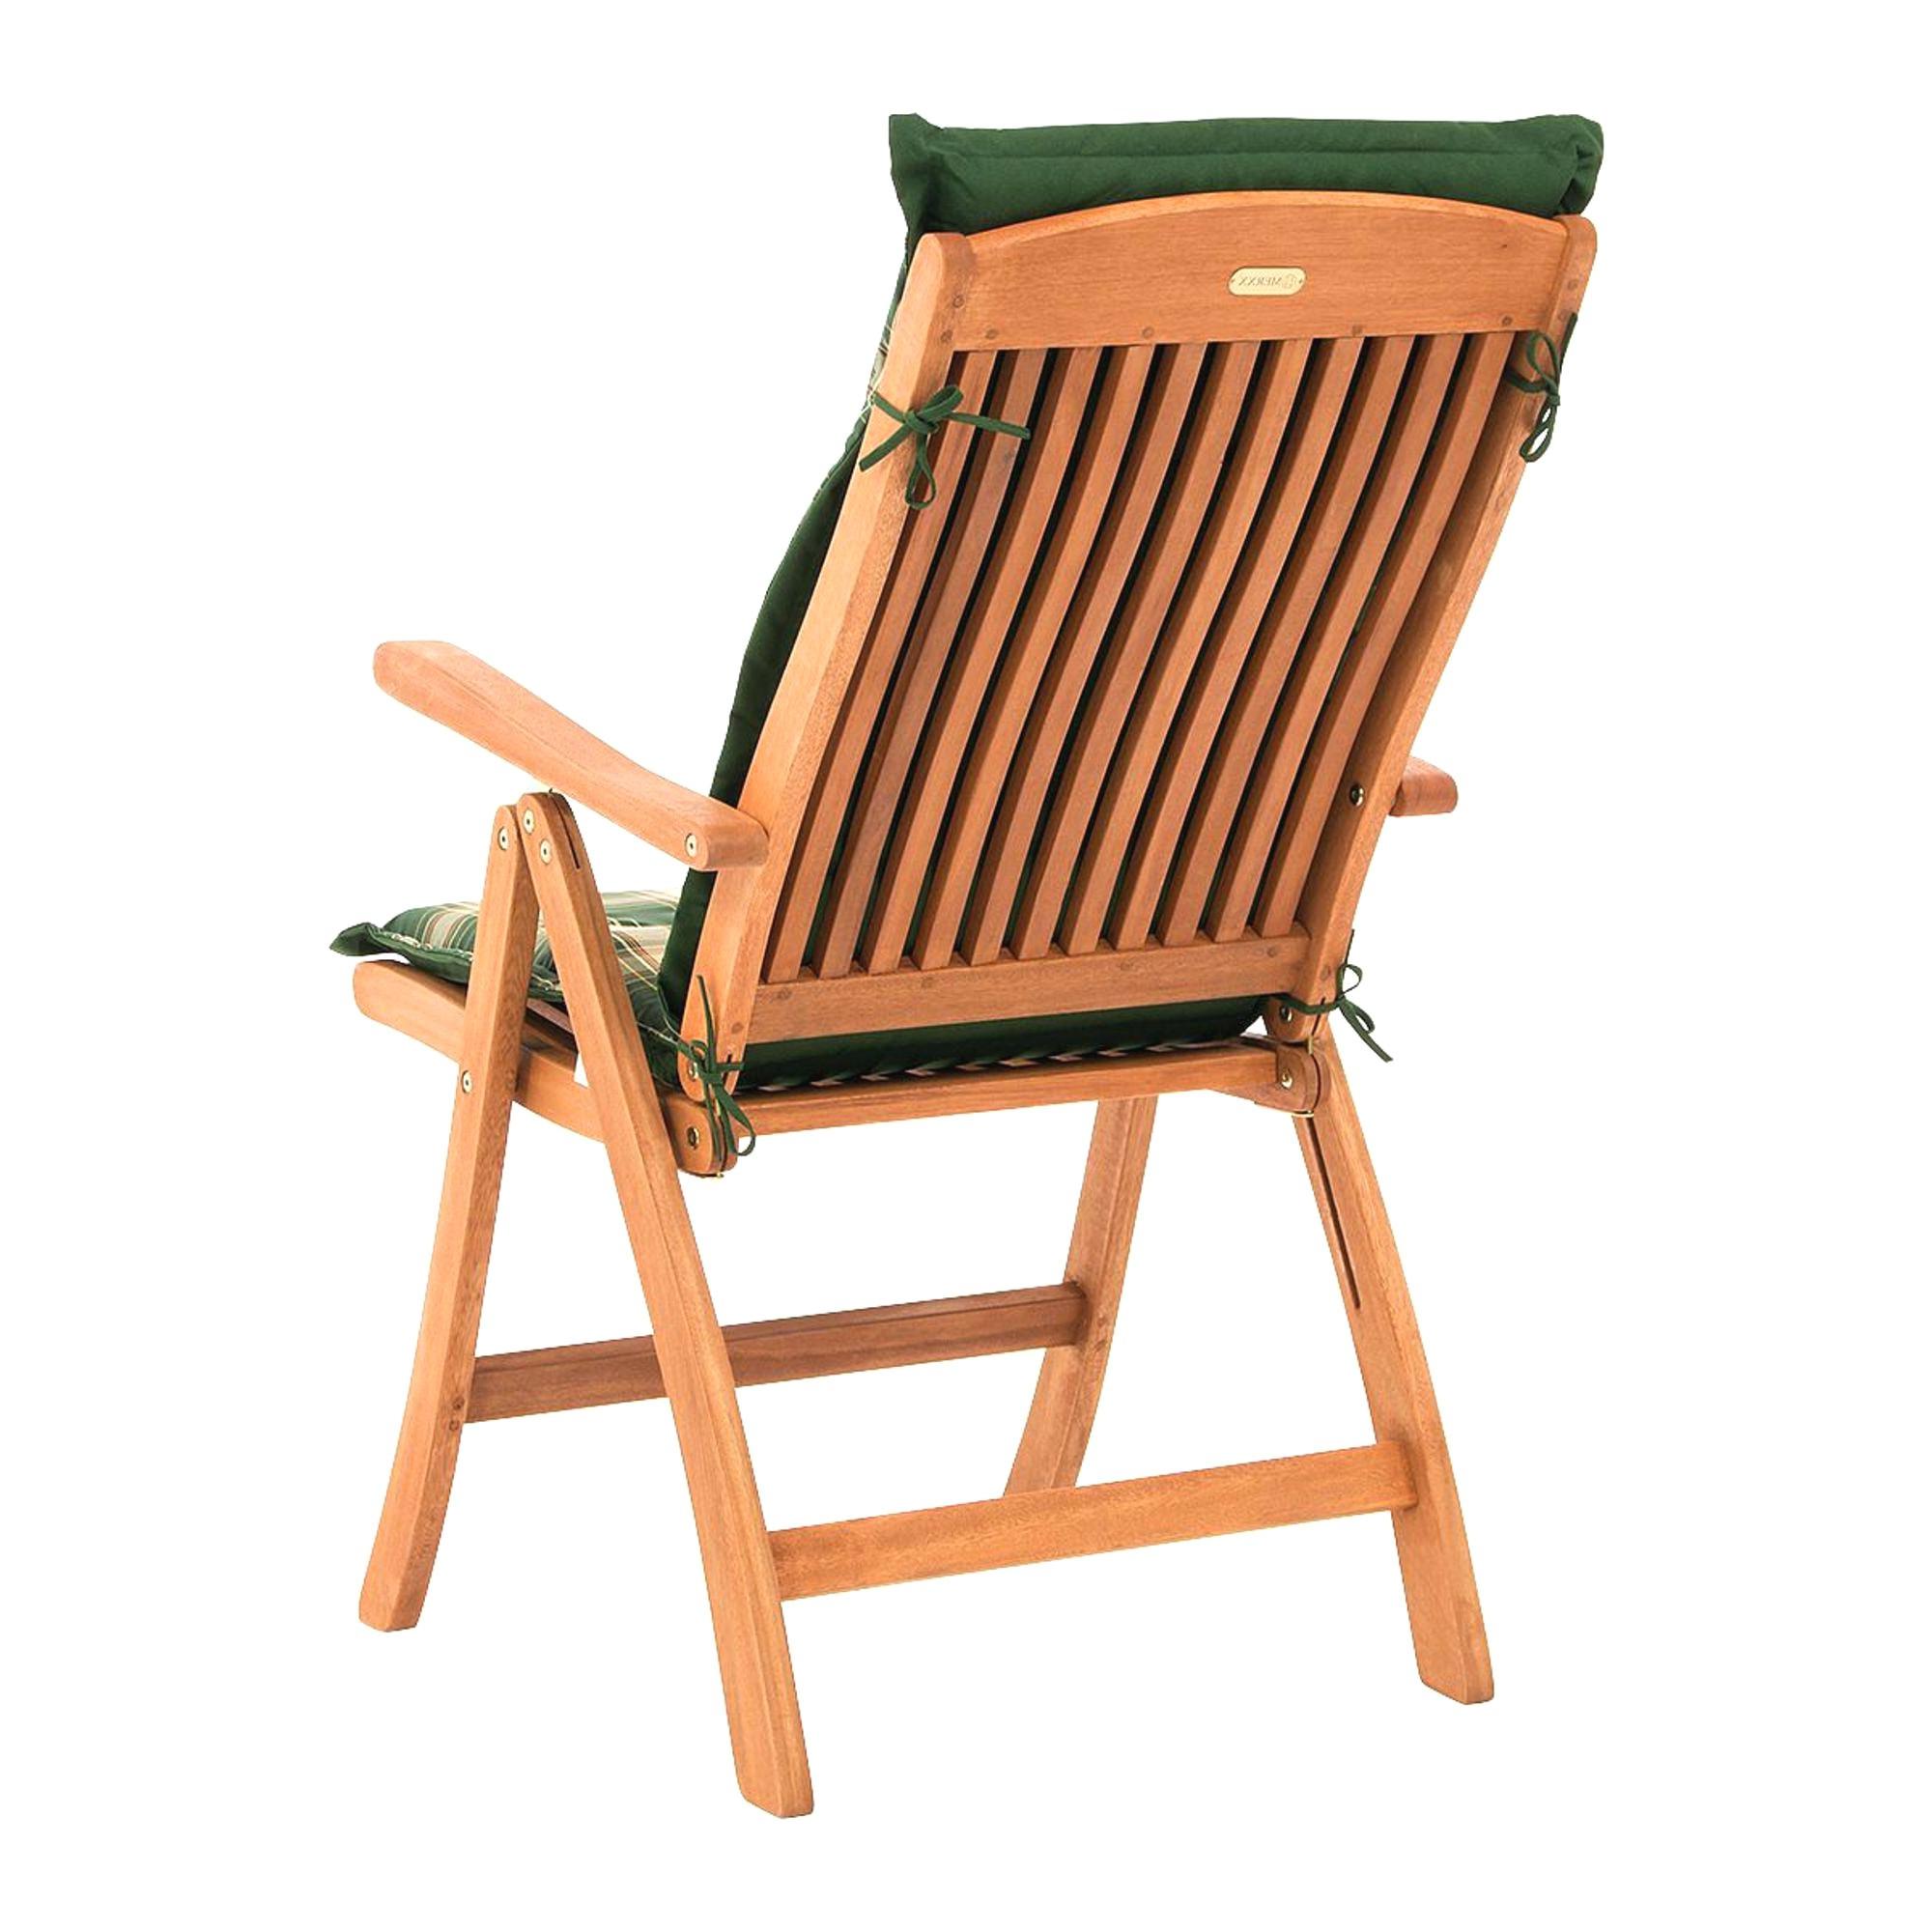 Full Size of Garten Terrasse Holz Sonnenliege Strandliege Liegestuhl Aus Küche Kaufen Ikea Kosten Betten 160x200 Bei Sofa Mit Schlaffunktion Miniküche Modulküche Wohnzimmer Sonnenliege Ikea